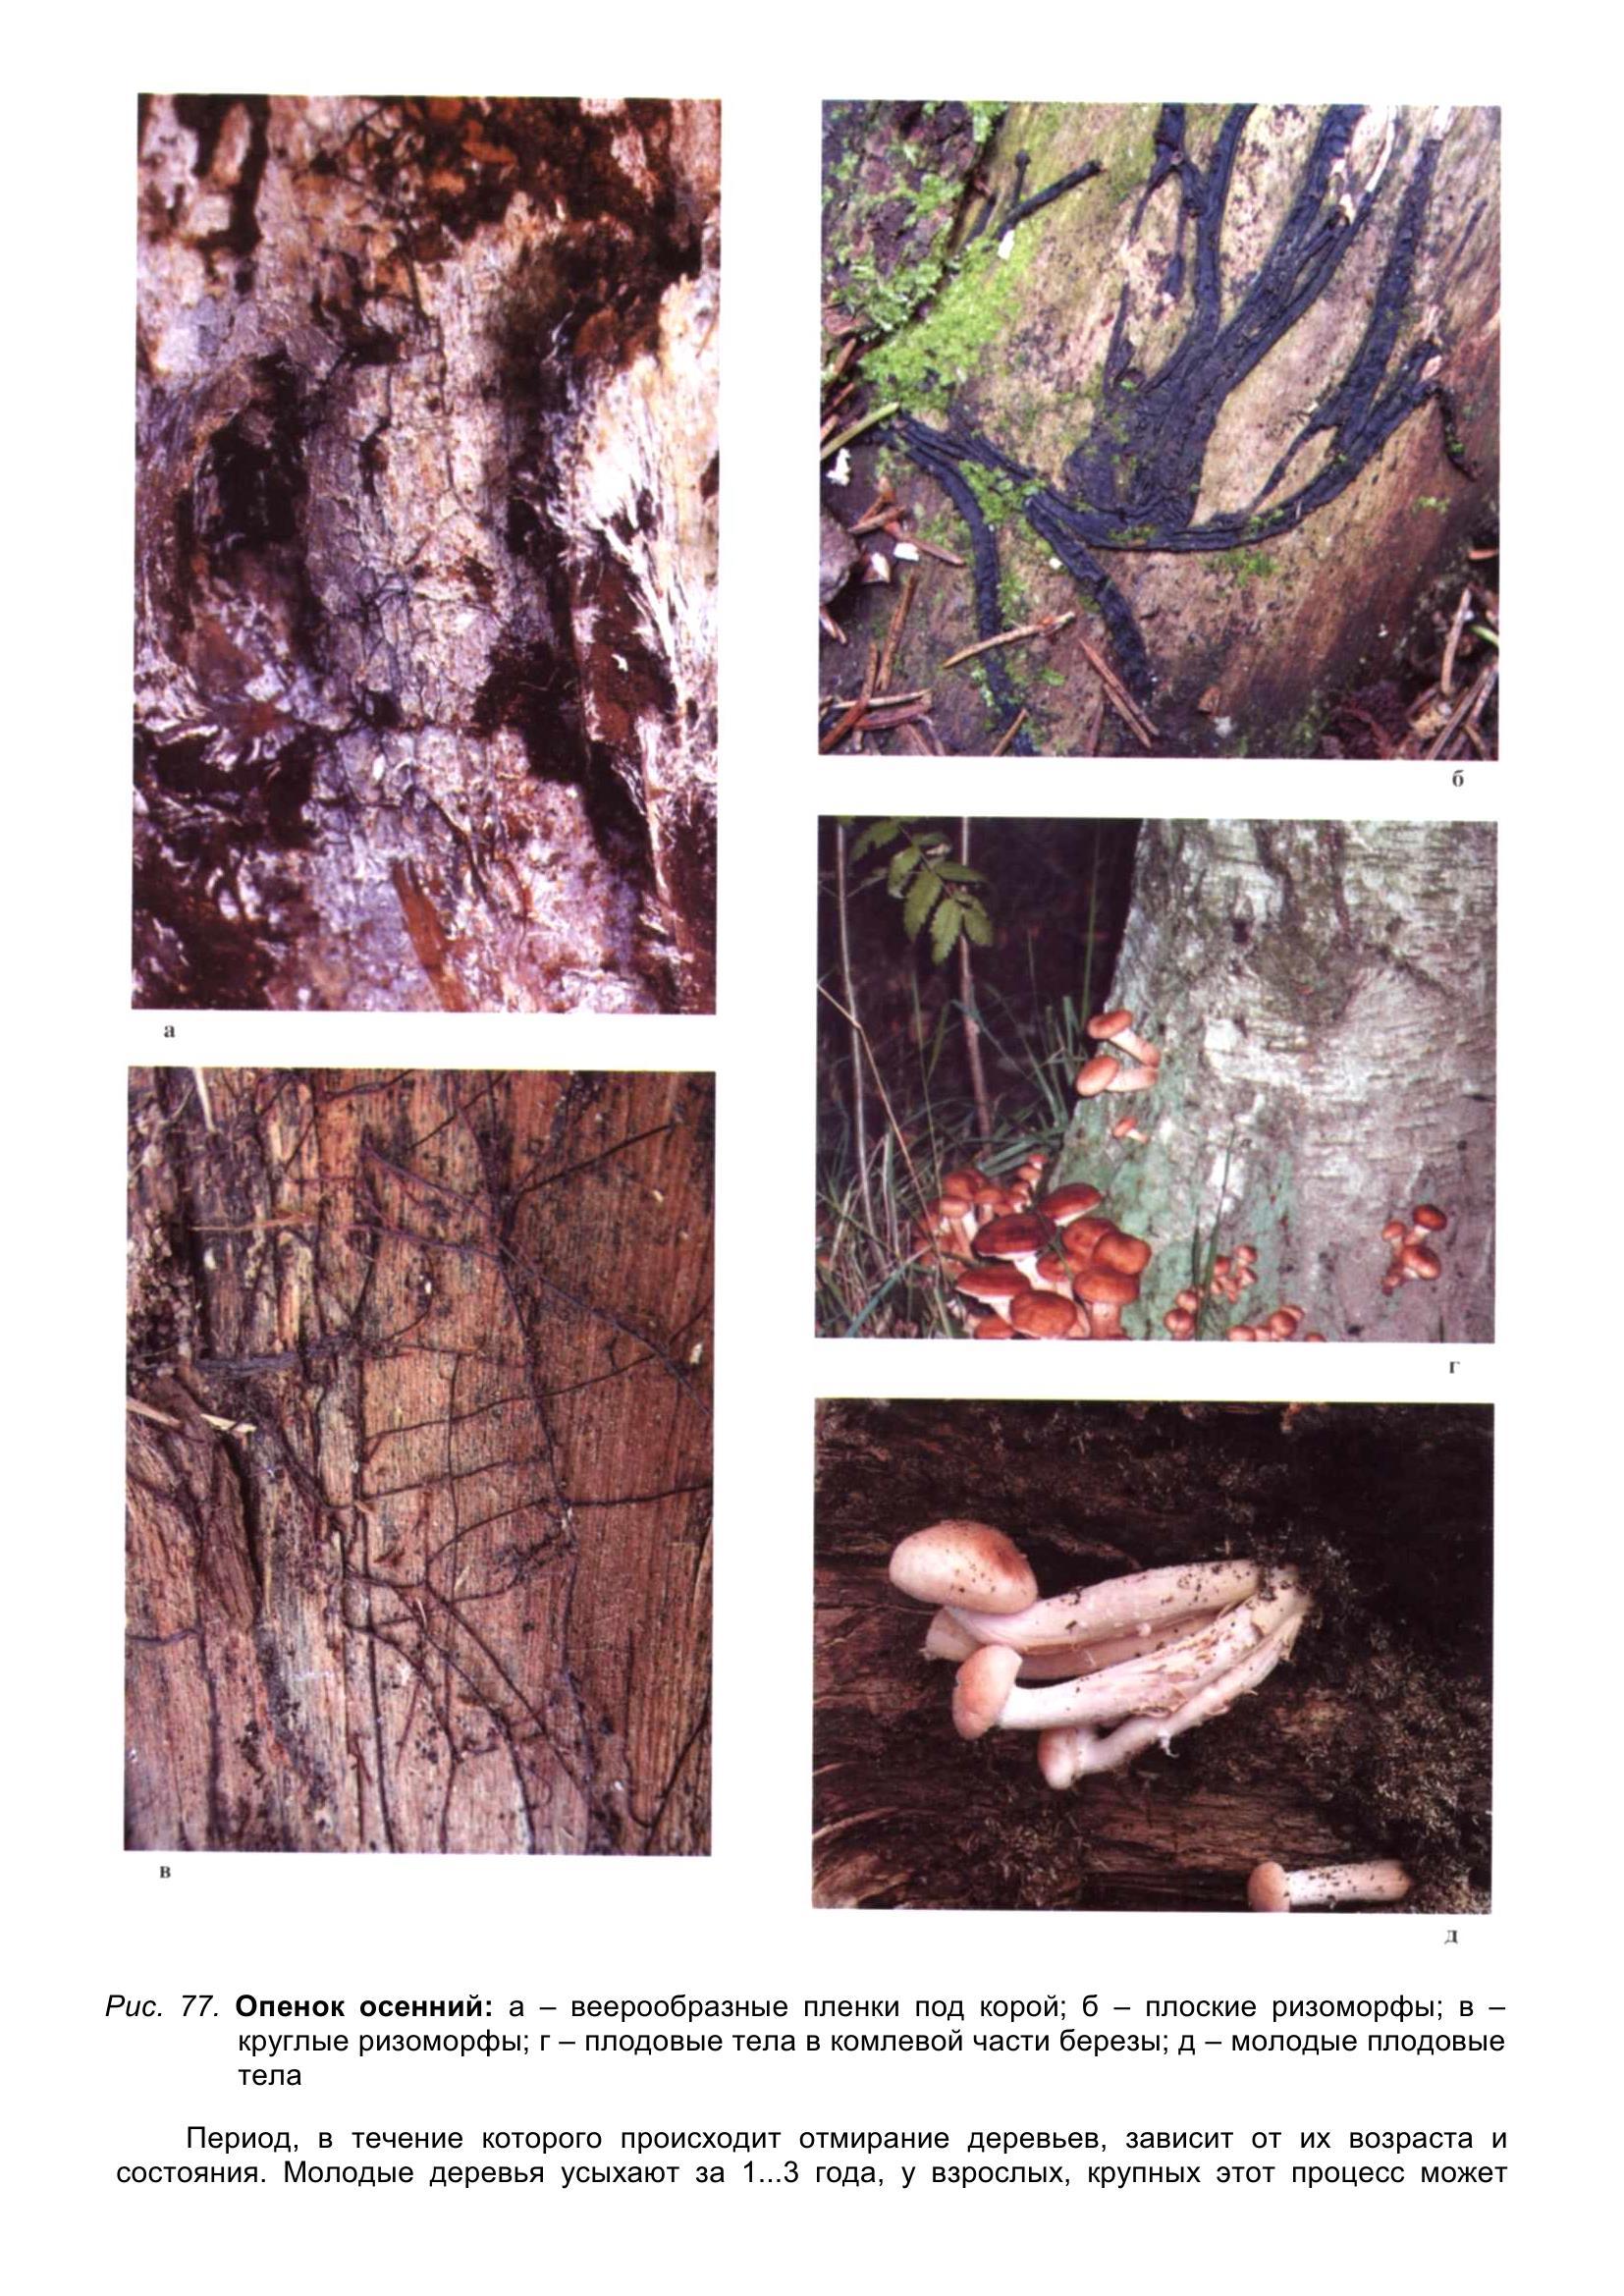 Болезни_древесных_растений_090.jpg